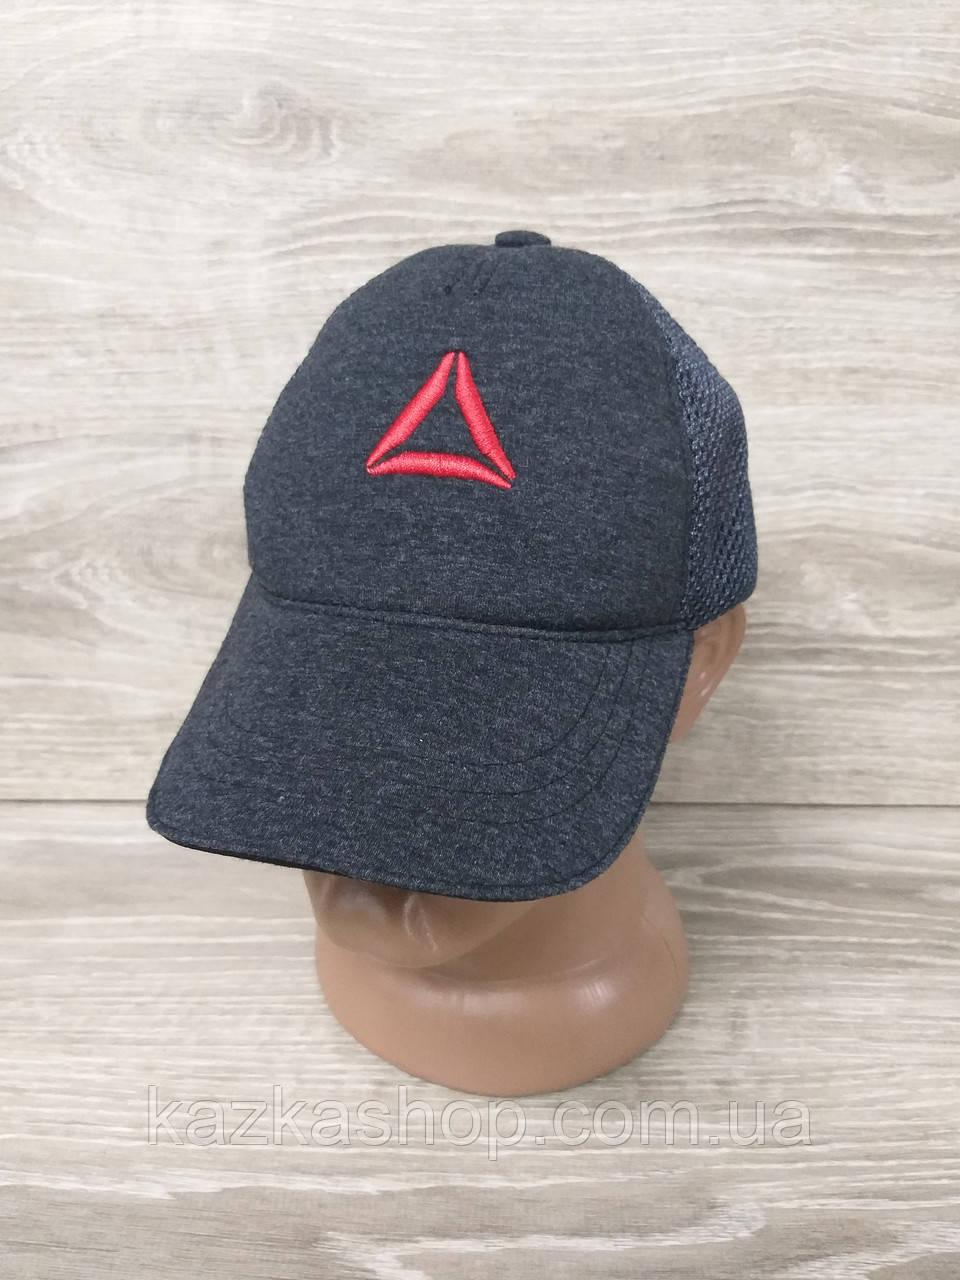 Мужская бейсболка, кепка, сетка, с вышивкой в стиле Reebok (реплика), на регуляторе